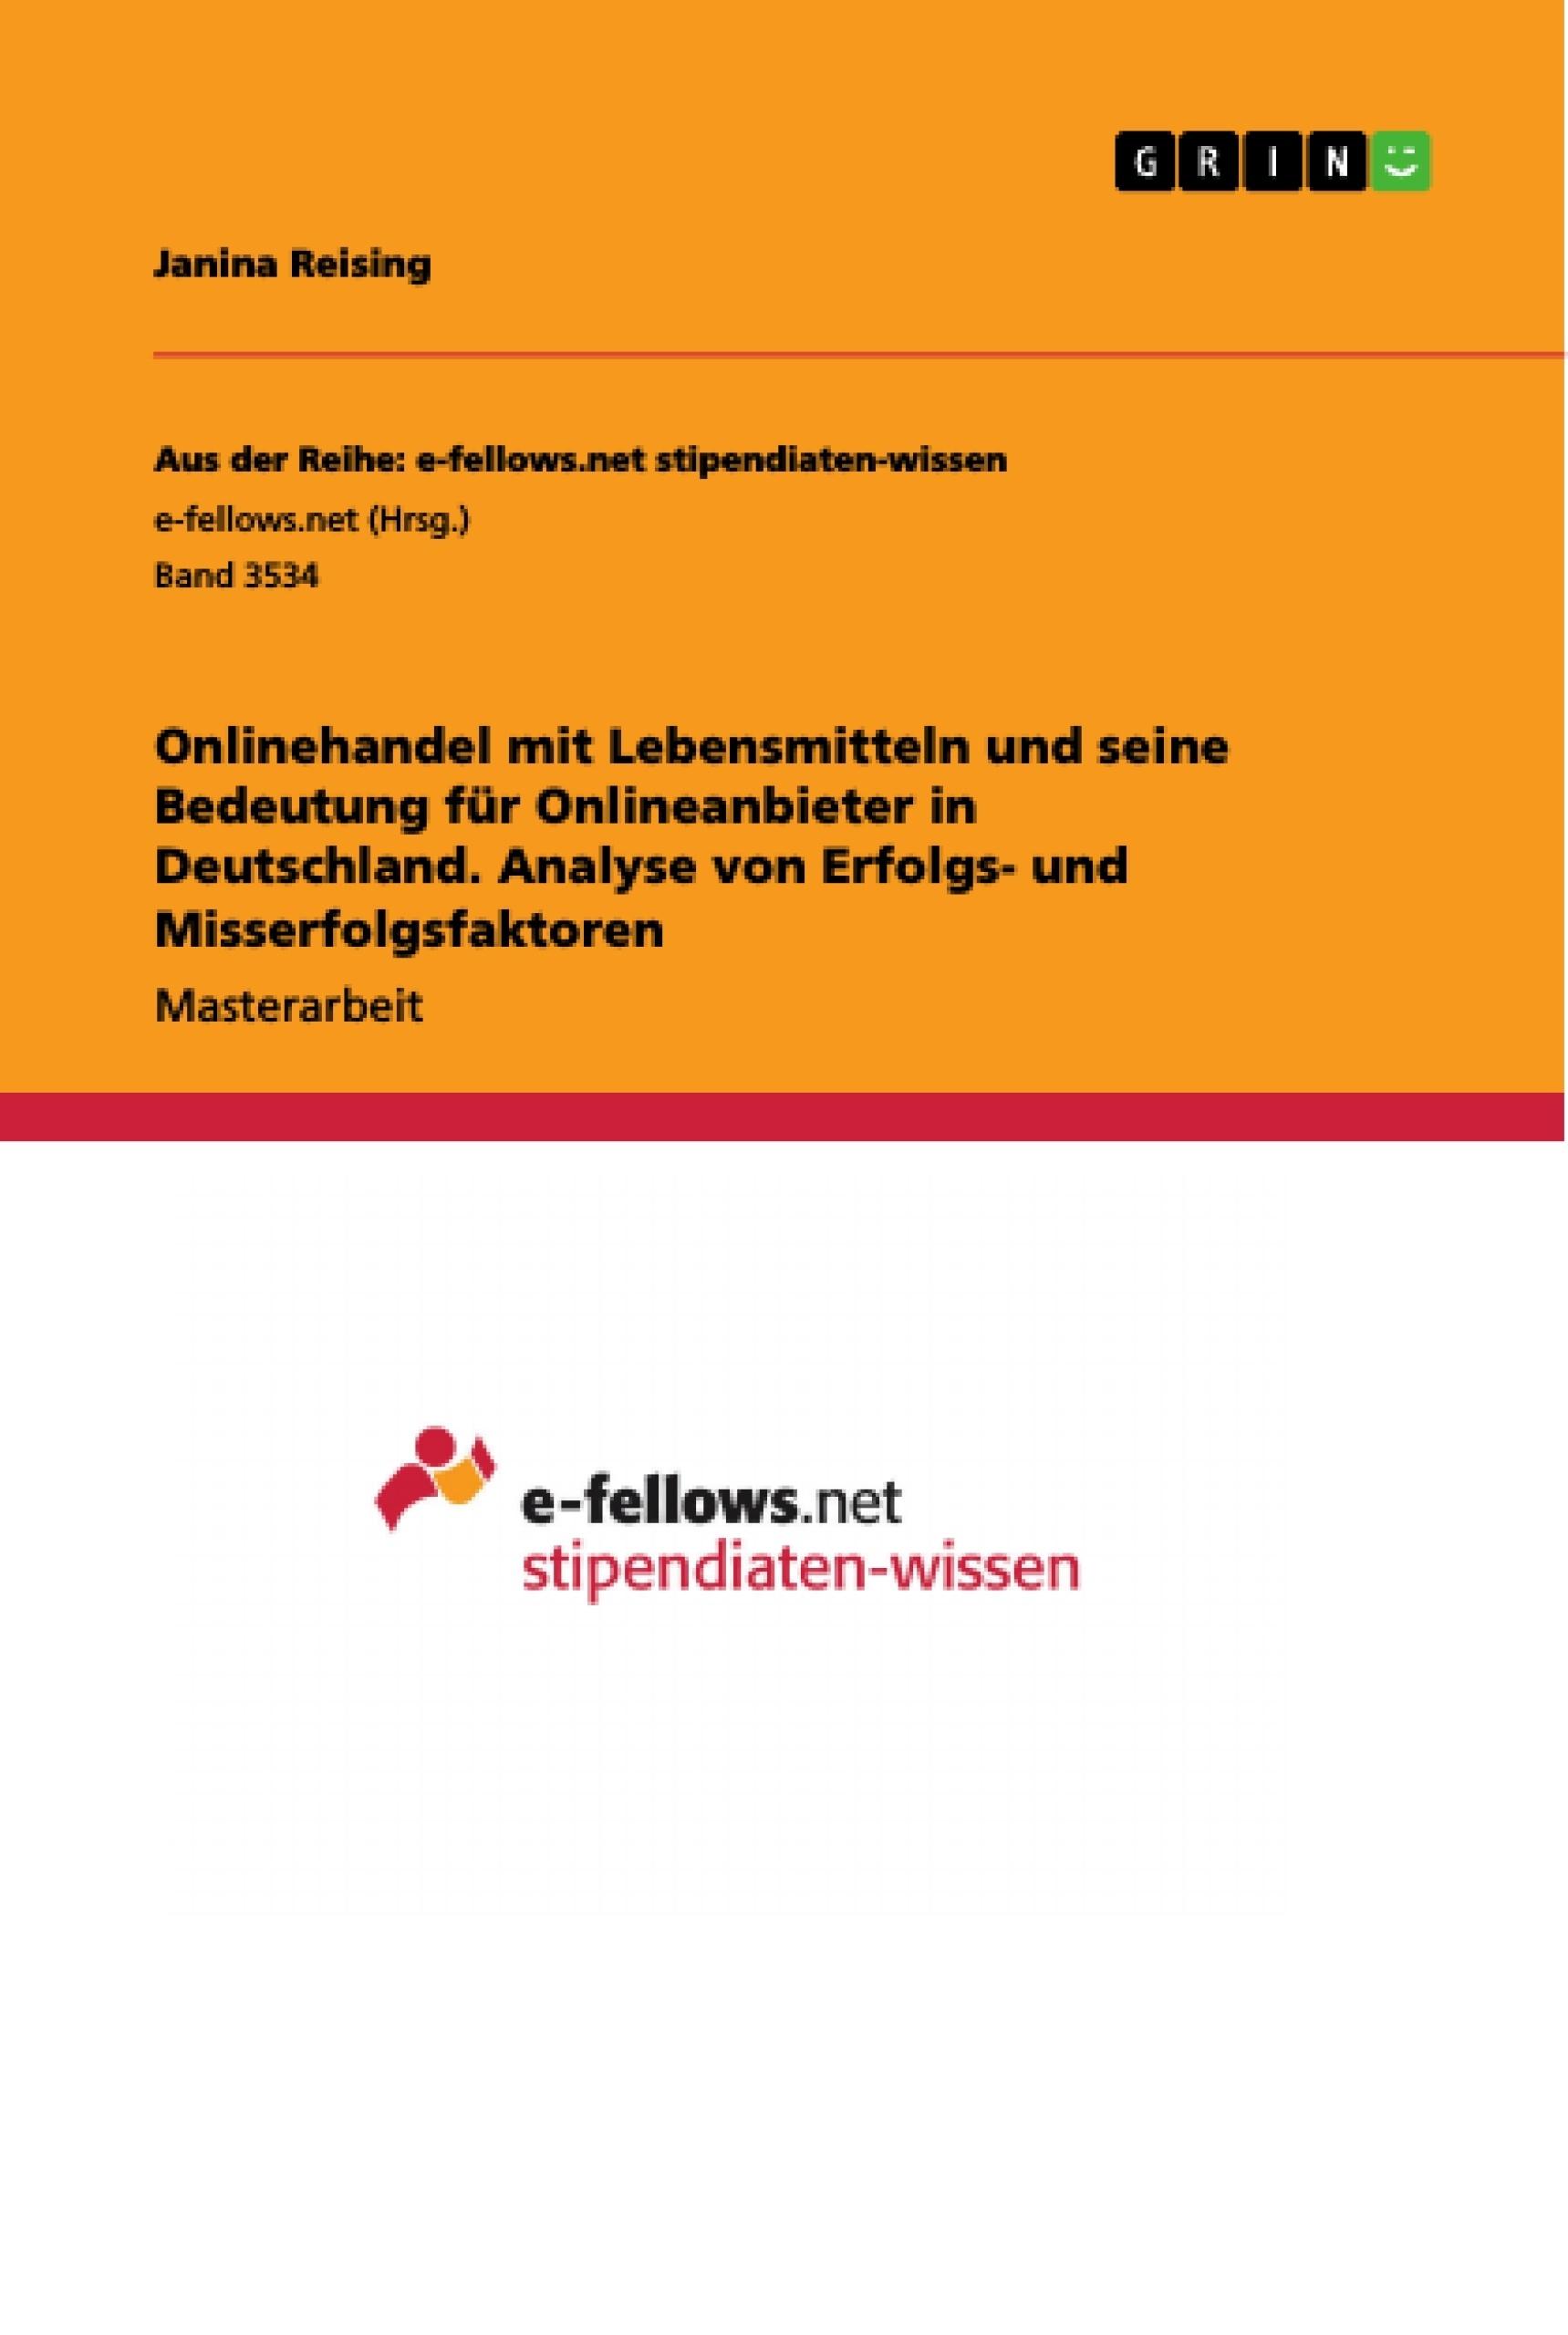 Titel: Onlinehandel mit Lebensmitteln und seine Bedeutung für Onlineanbieter in Deutschland. Analyse von Erfolgs- und Misserfolgsfaktoren